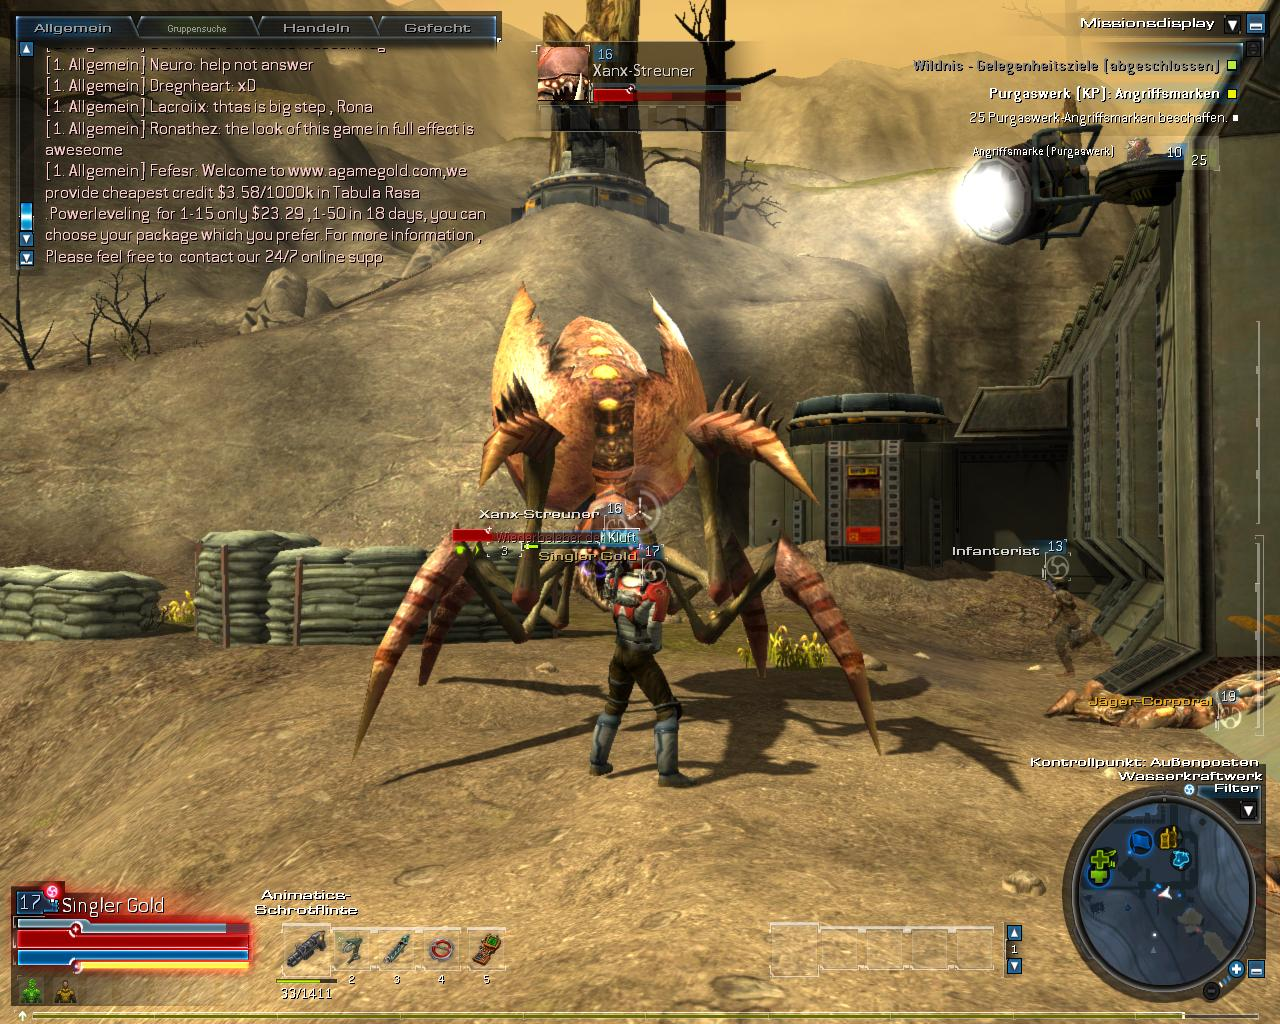 Spieletest Tabula Rasa Online Spiel Vom Ultima Erfinder